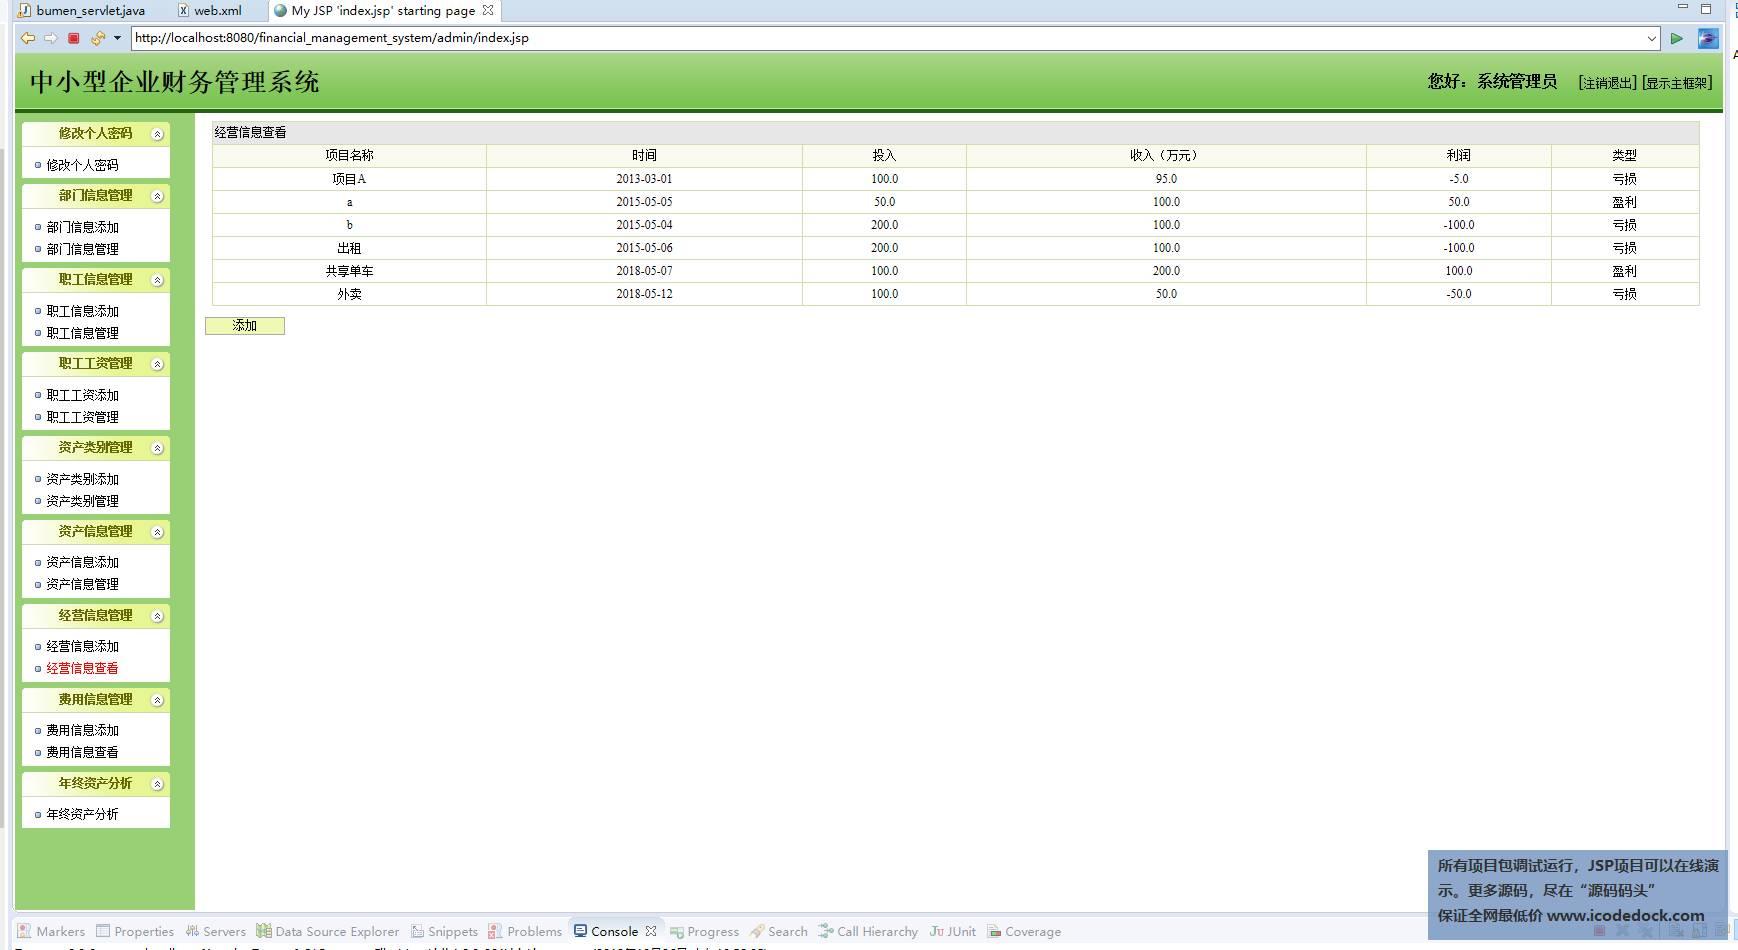 源码码头-JSP企业财务管理系统-管理员角色-经营信息管理